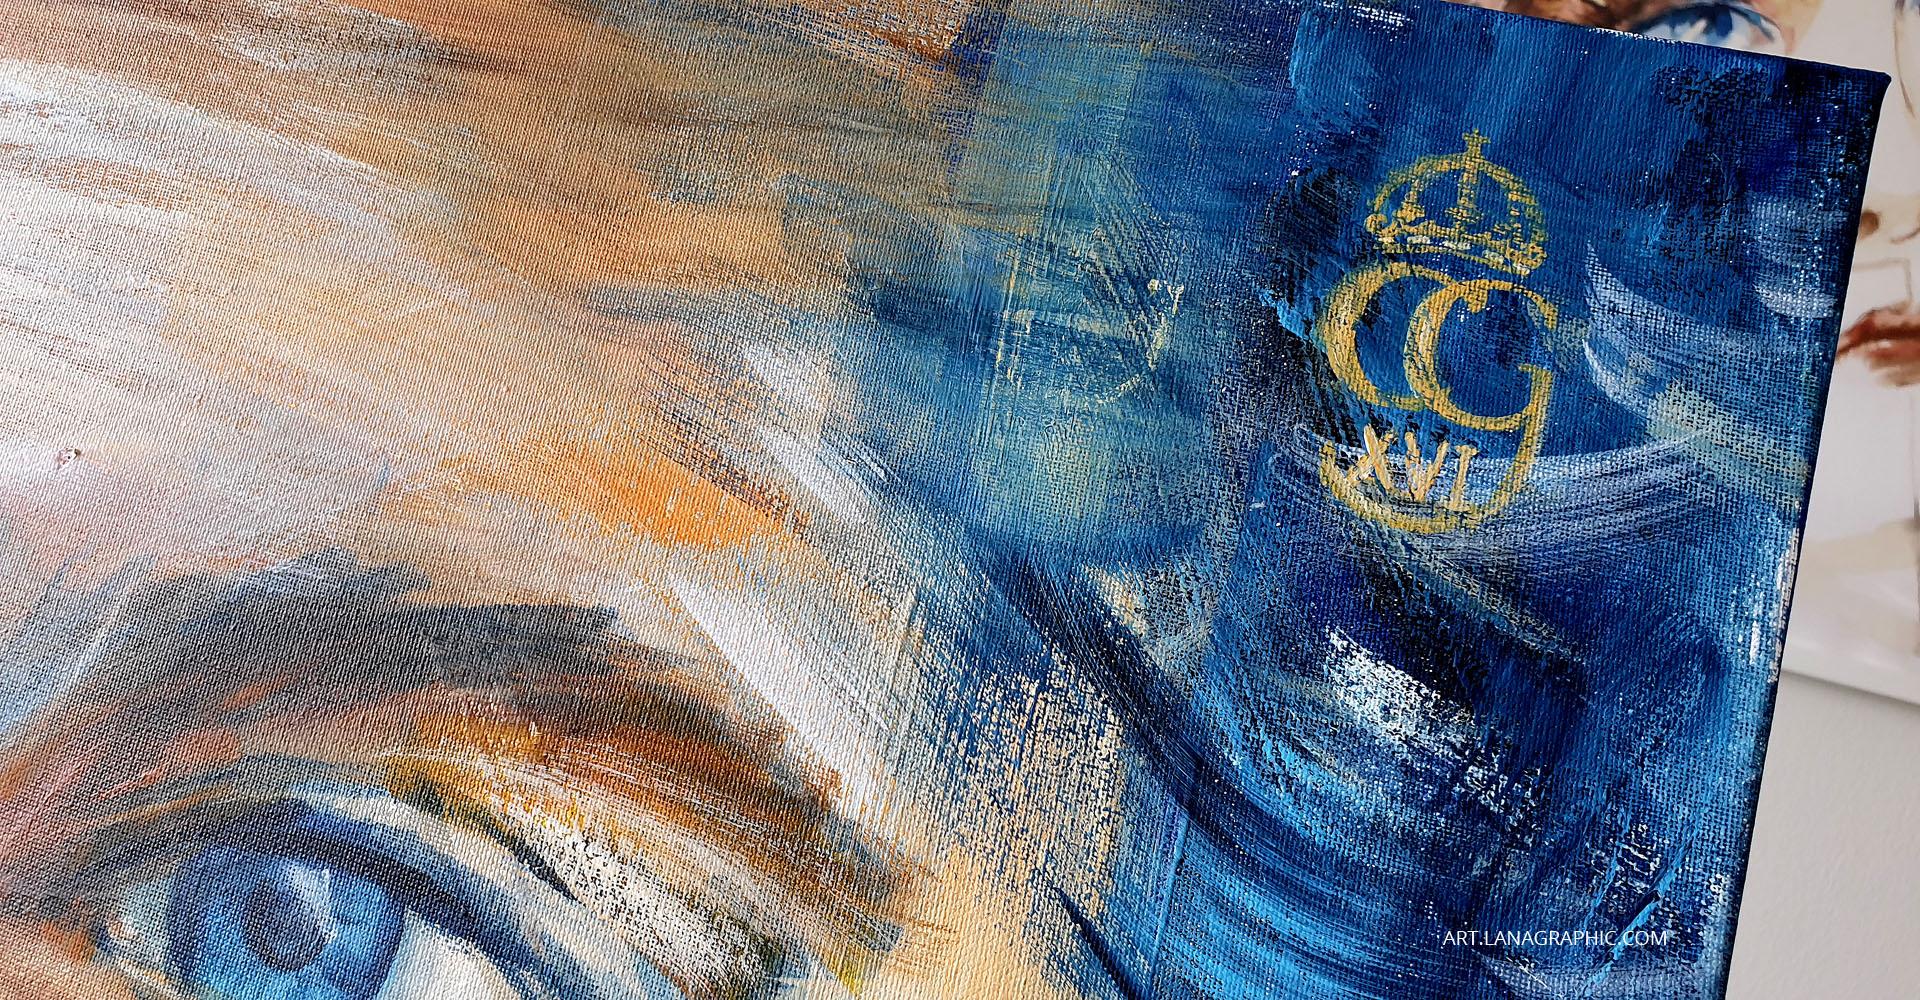 Carl-Gustaf-heter-jag-art-by-Lana-Leuchuk-2